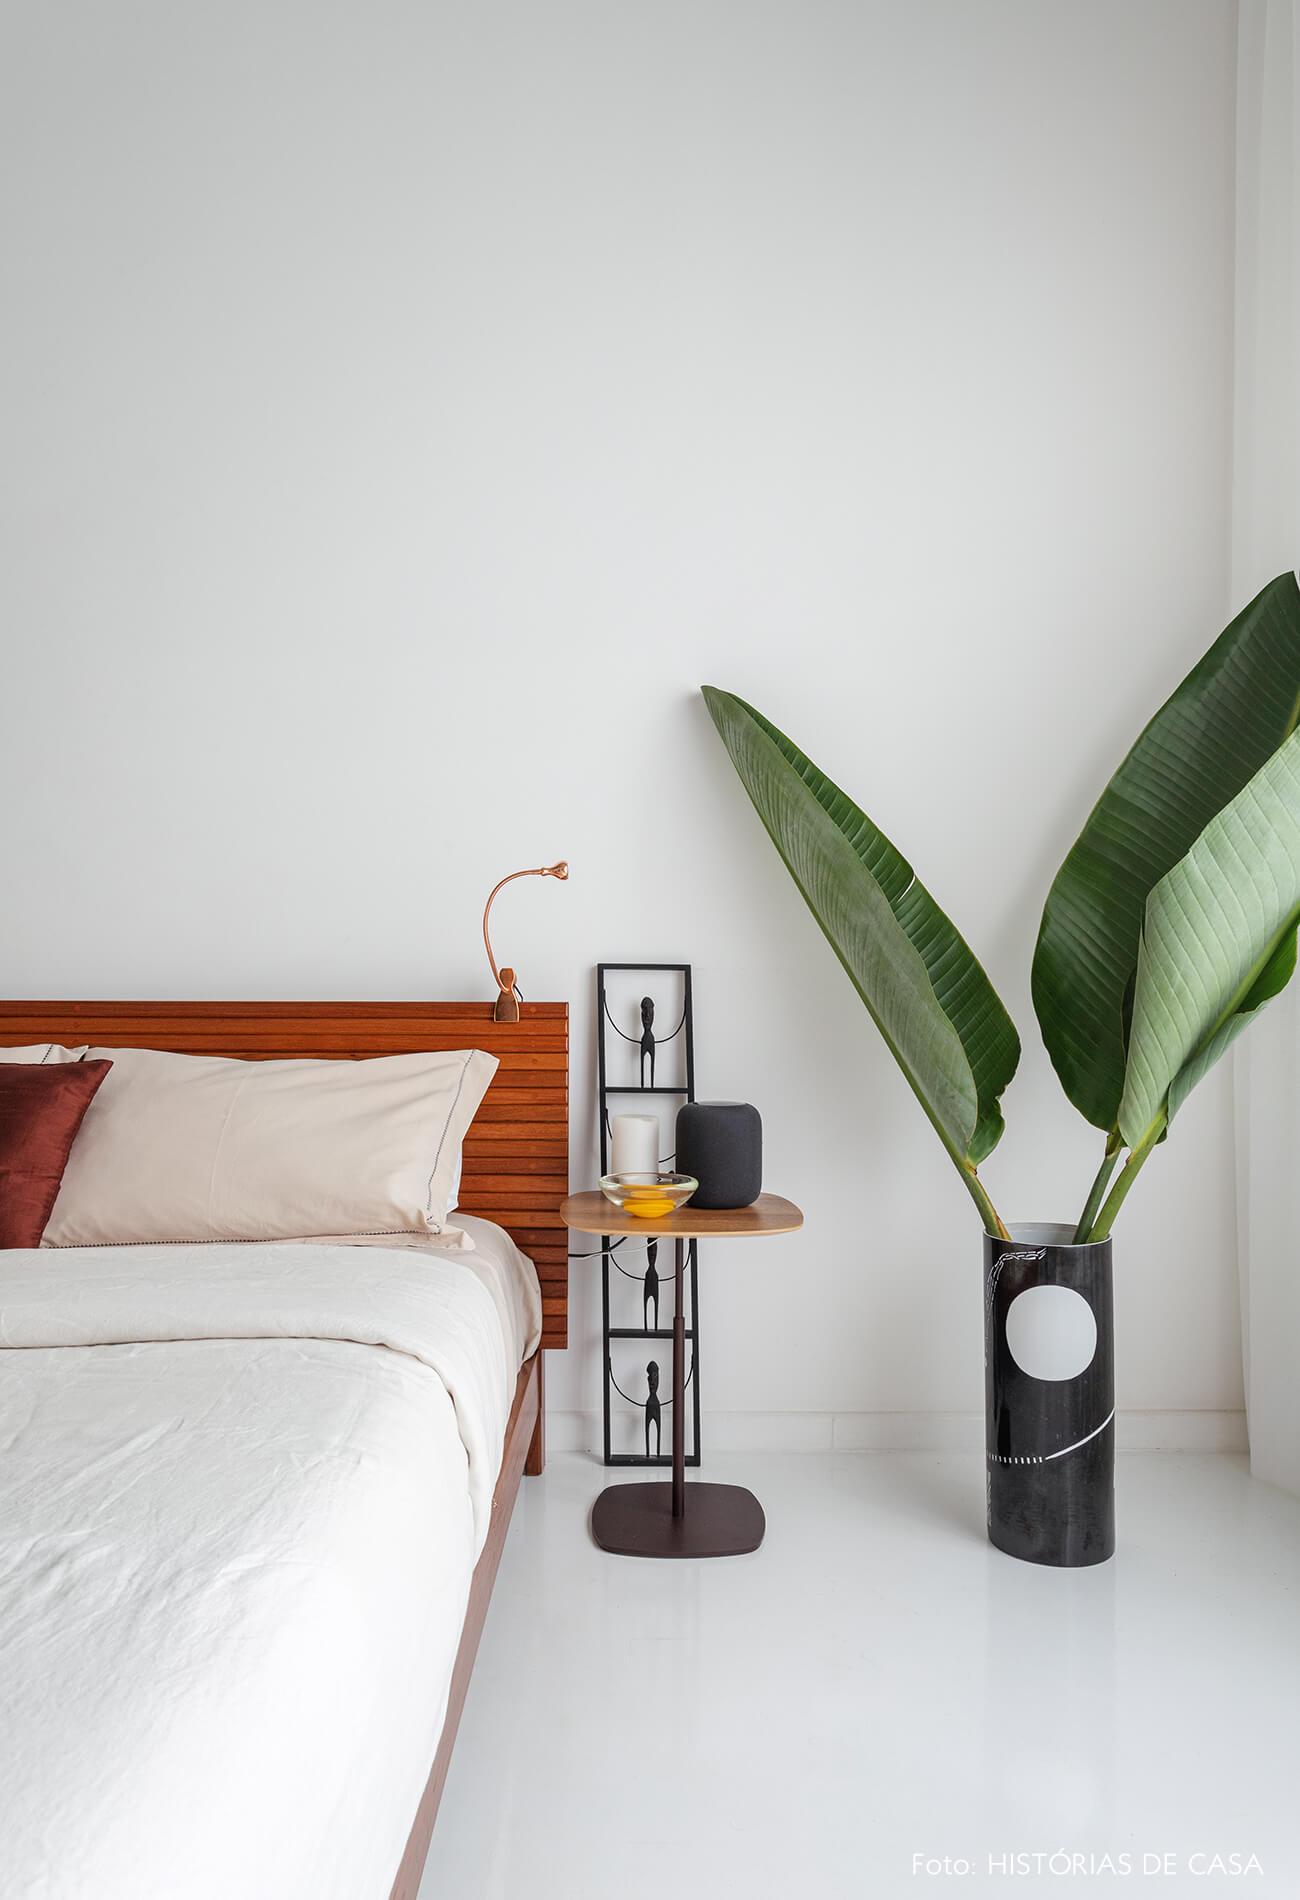 Apartamento escandinavo, quarto com móveis de madeira e piso pintado de branco